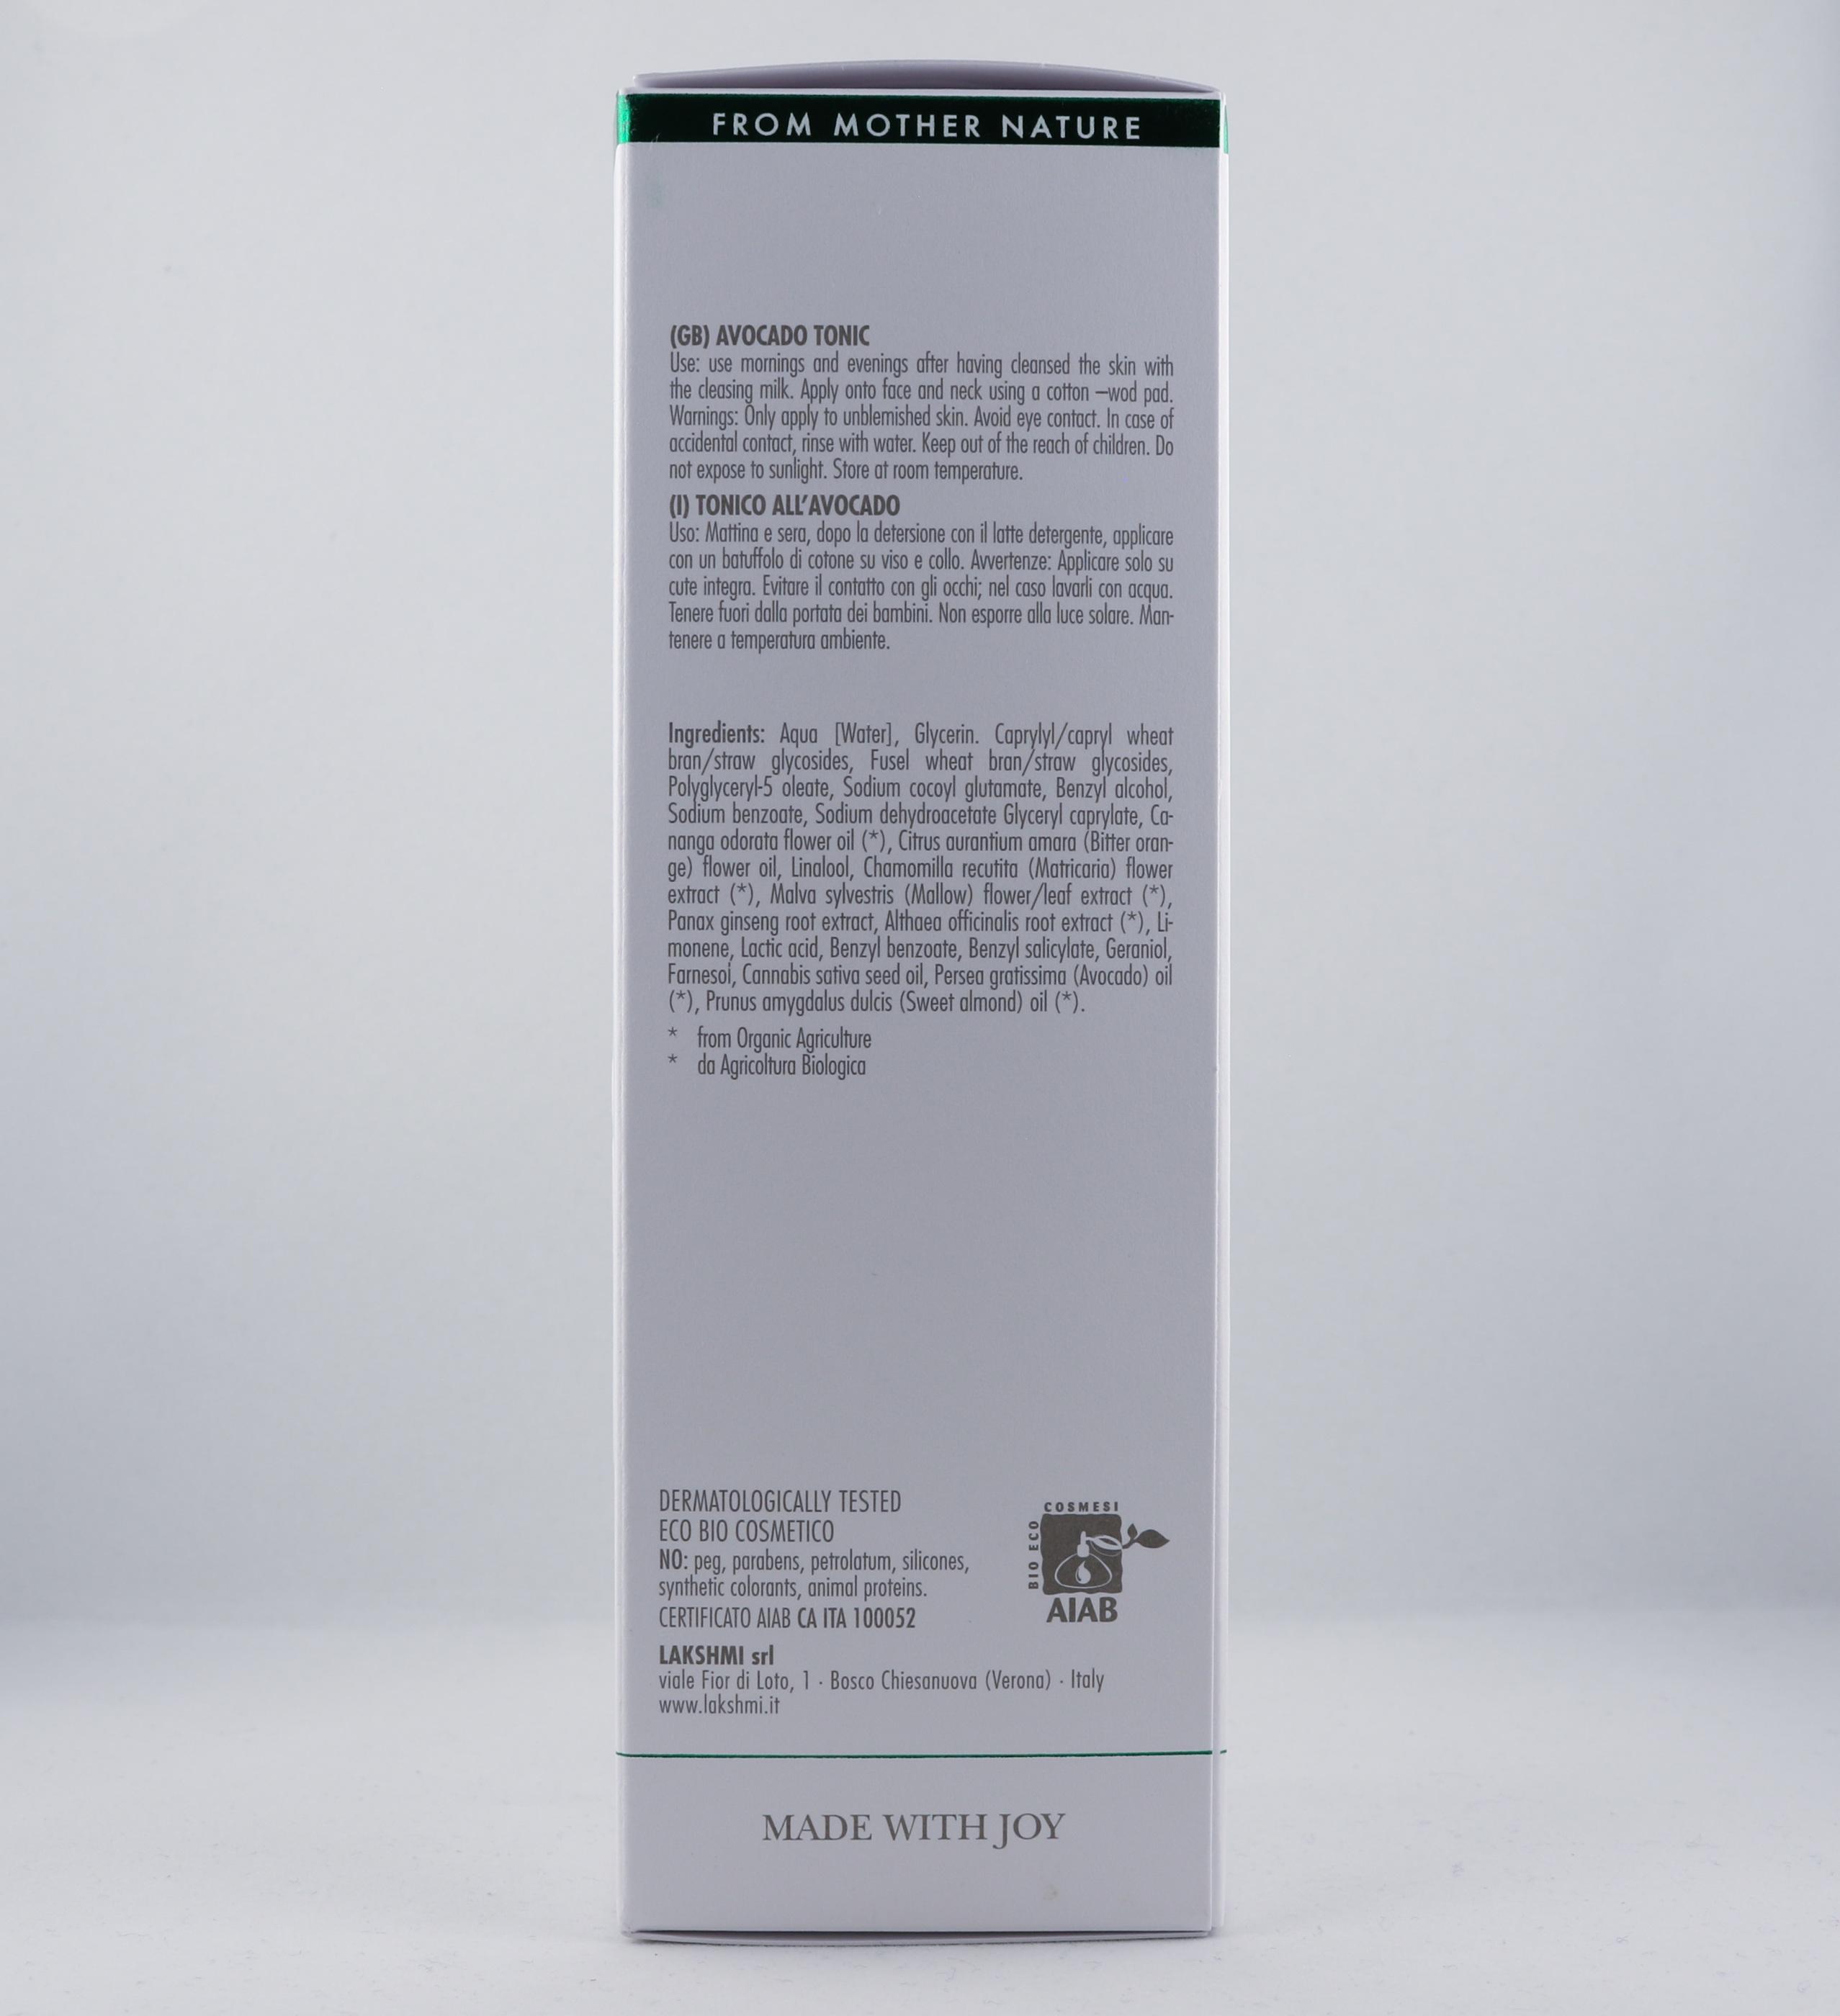 Vata Avocado Face Tonic hudvårdsprodukt hudvårdstyp alternativ hälsa wellness ayurveda hudvårdsprodukter